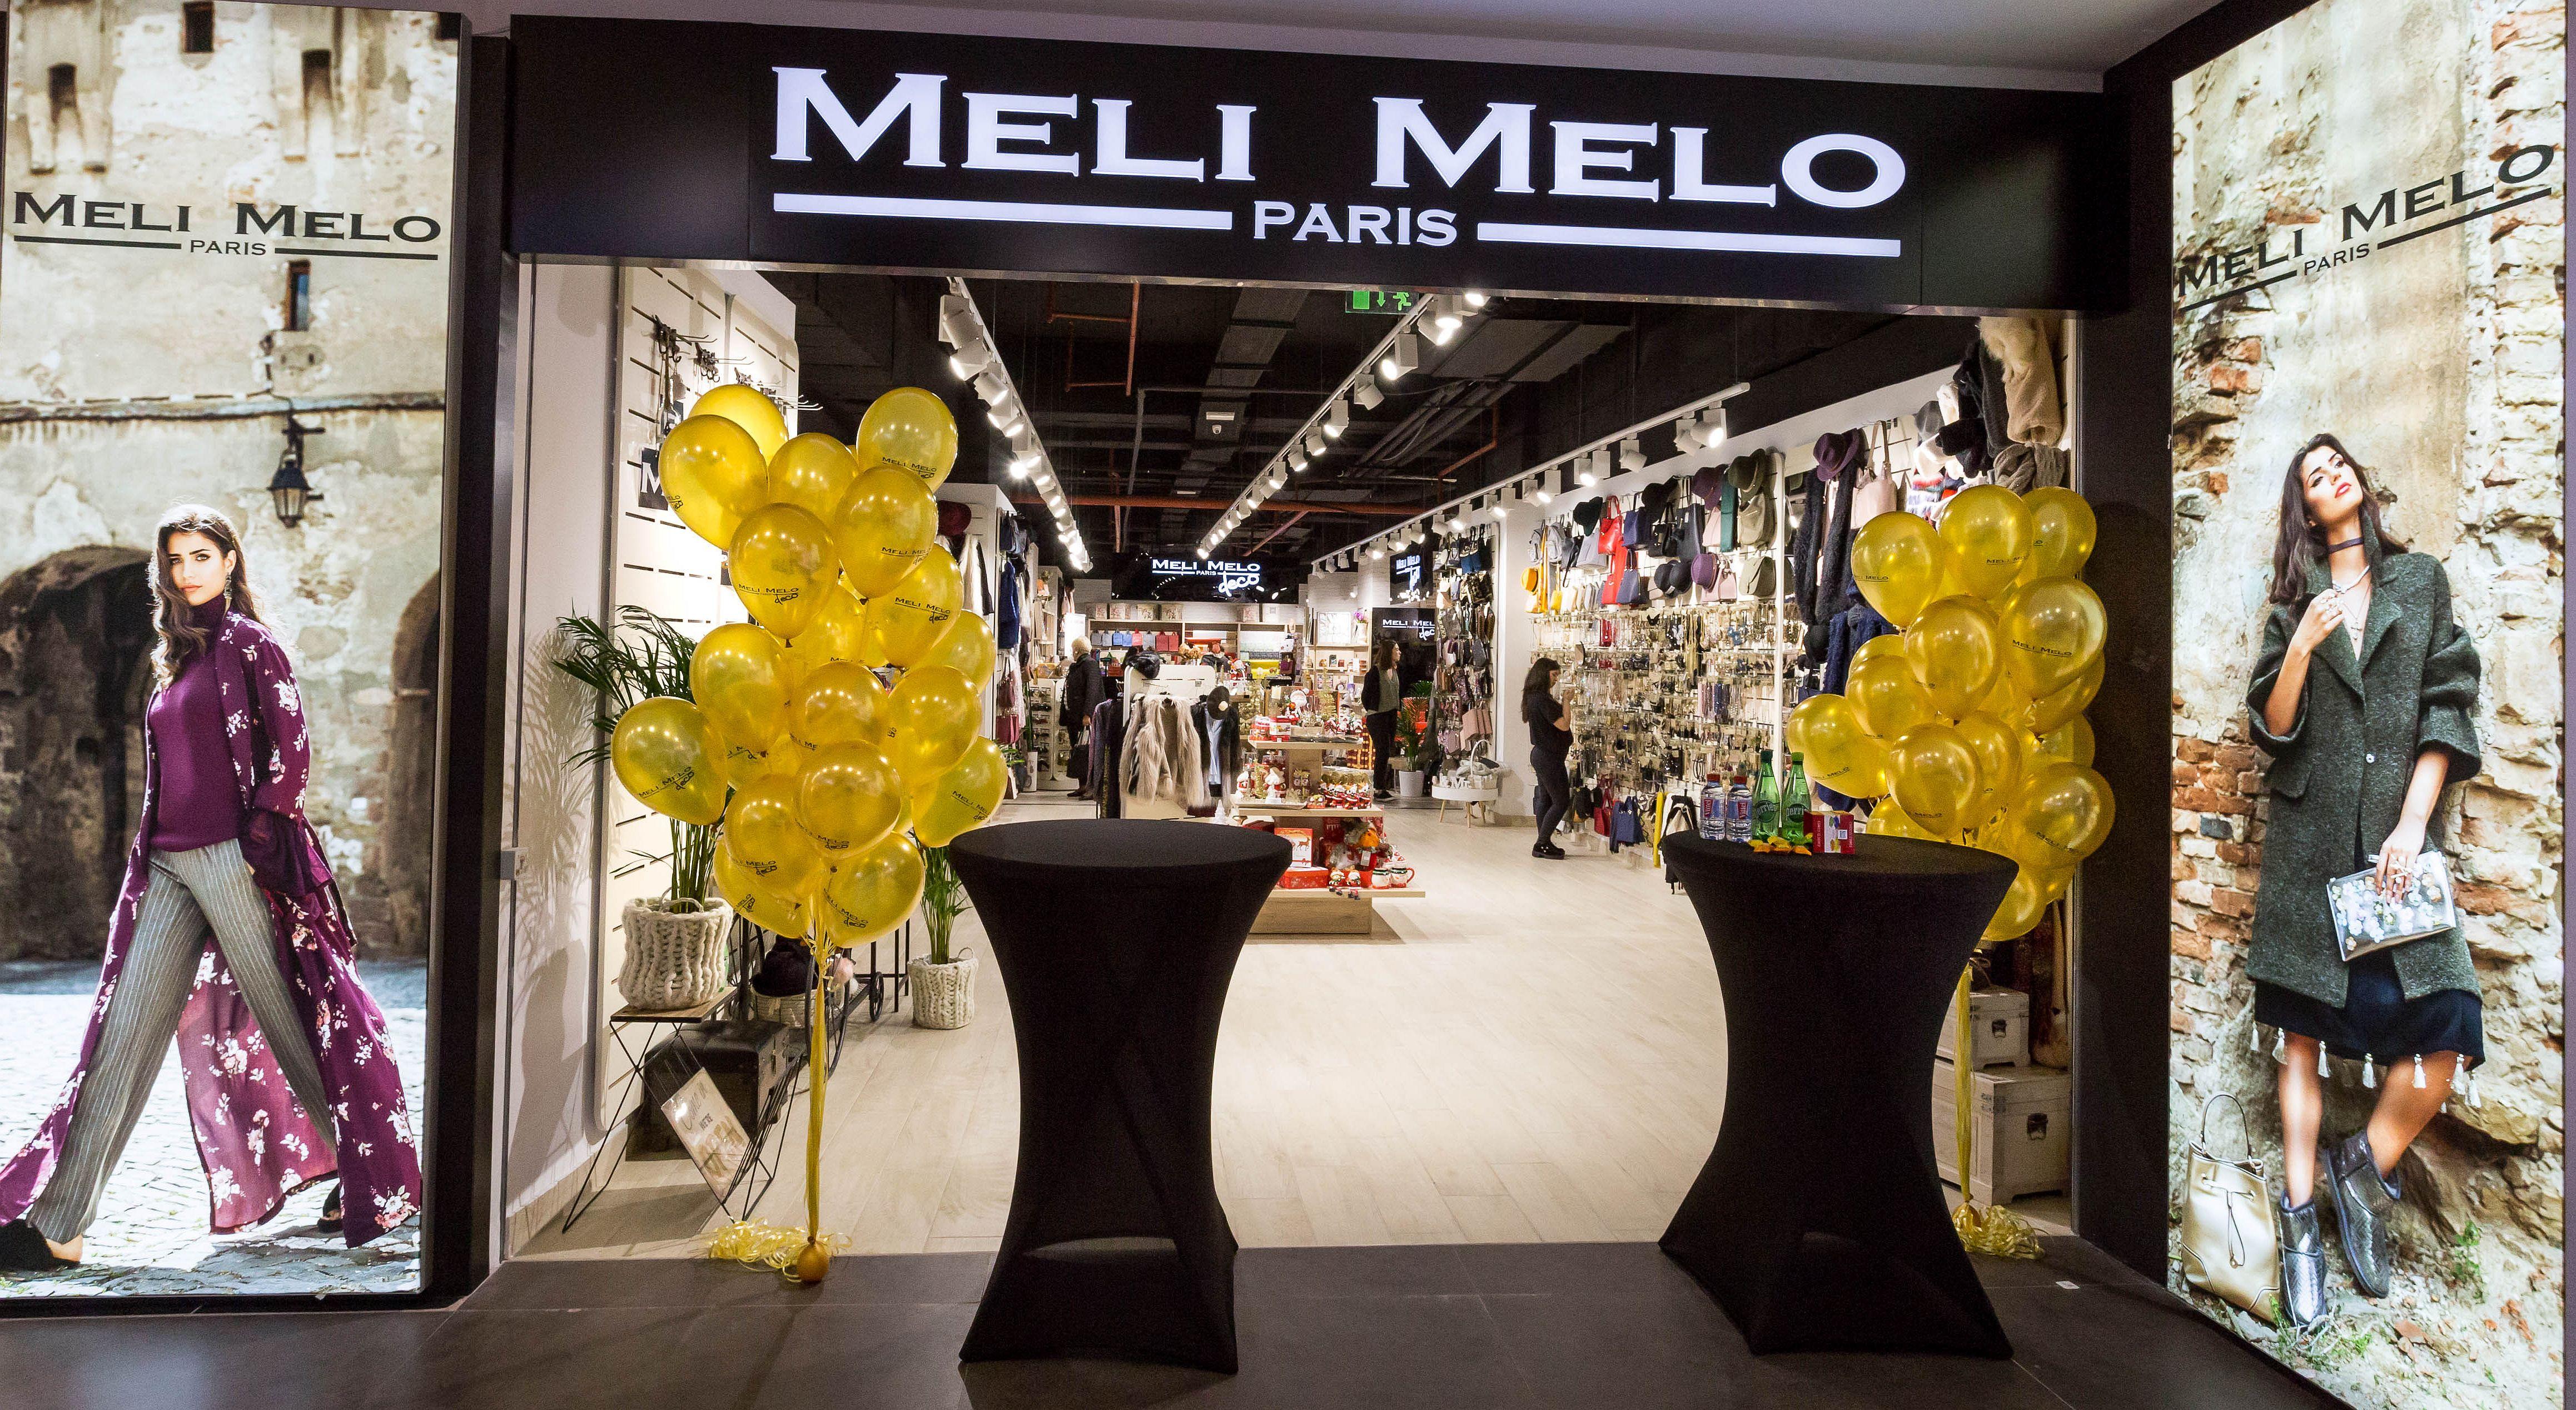 Meli Melo lanseaza programul de francizare si tinteste franciza in 9 orase pana in 2022